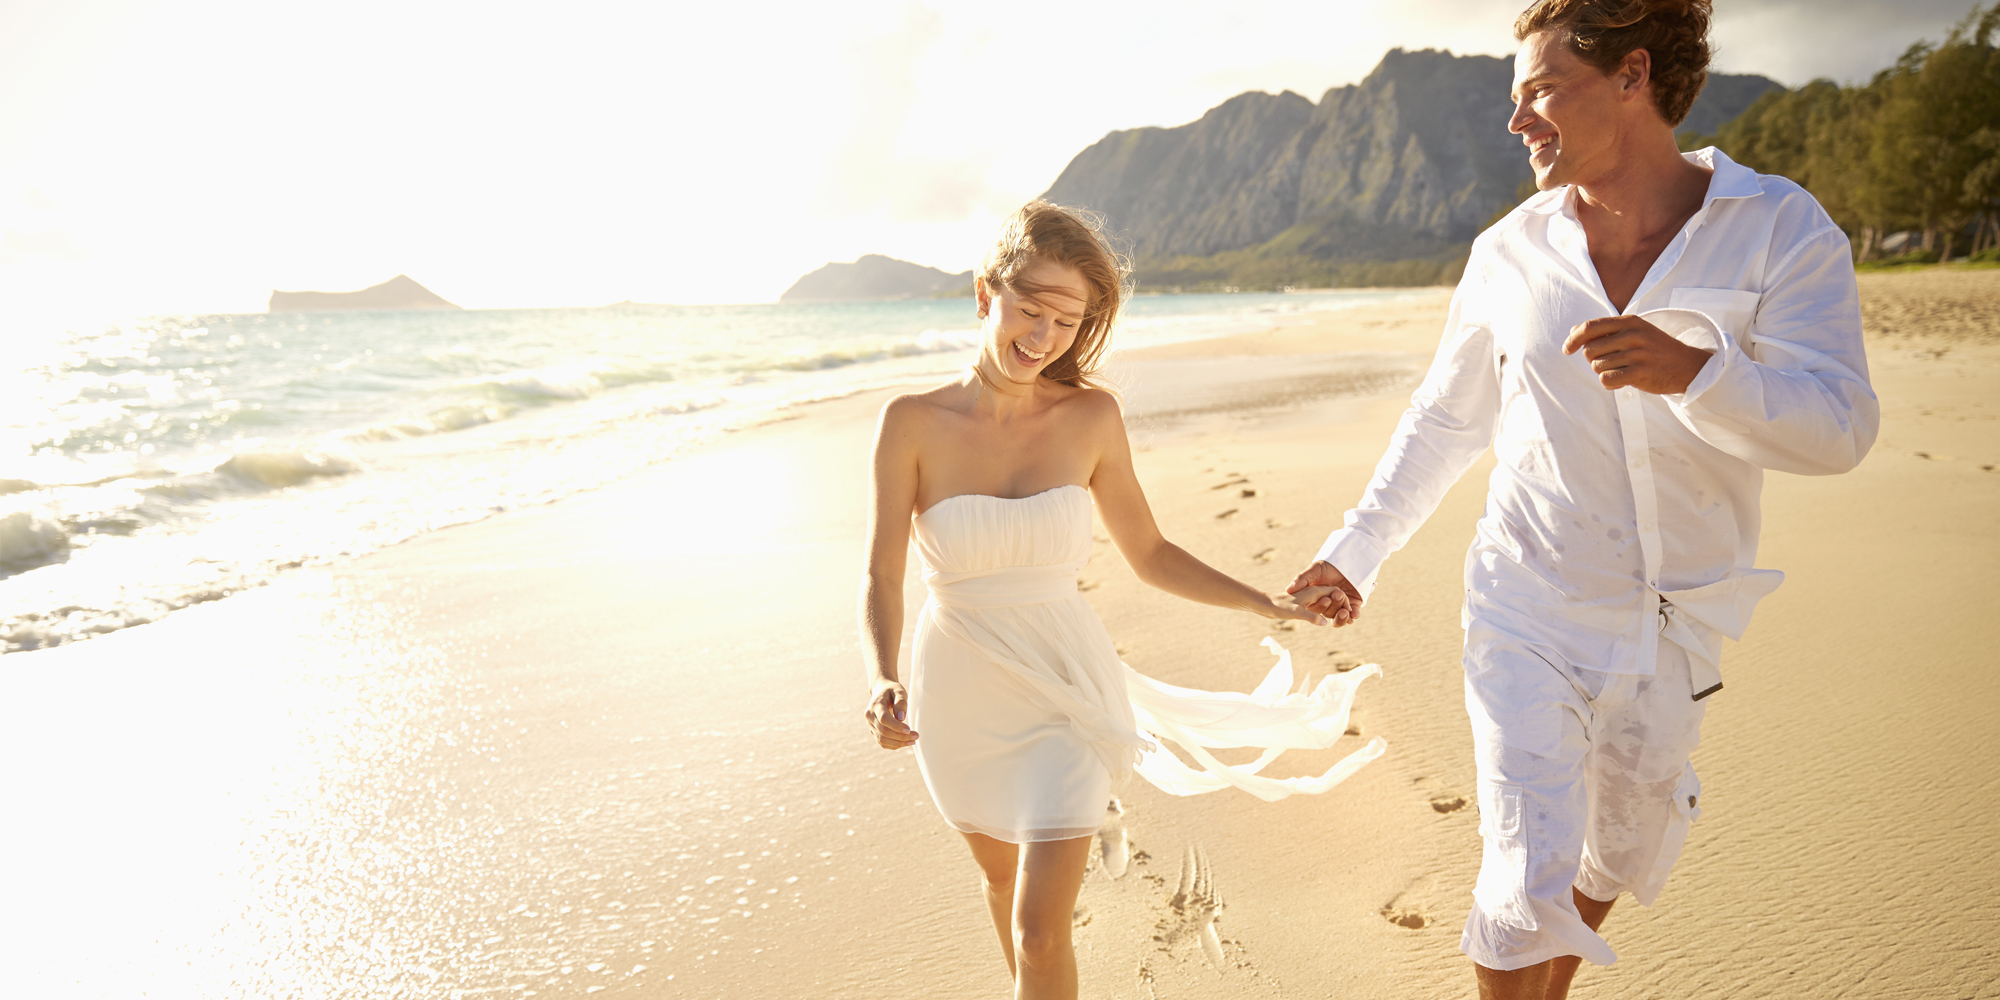 Matrimonio Spiaggia Come Vestirsi : Matrimonio in spiaggia abiti gli per la cerimonia